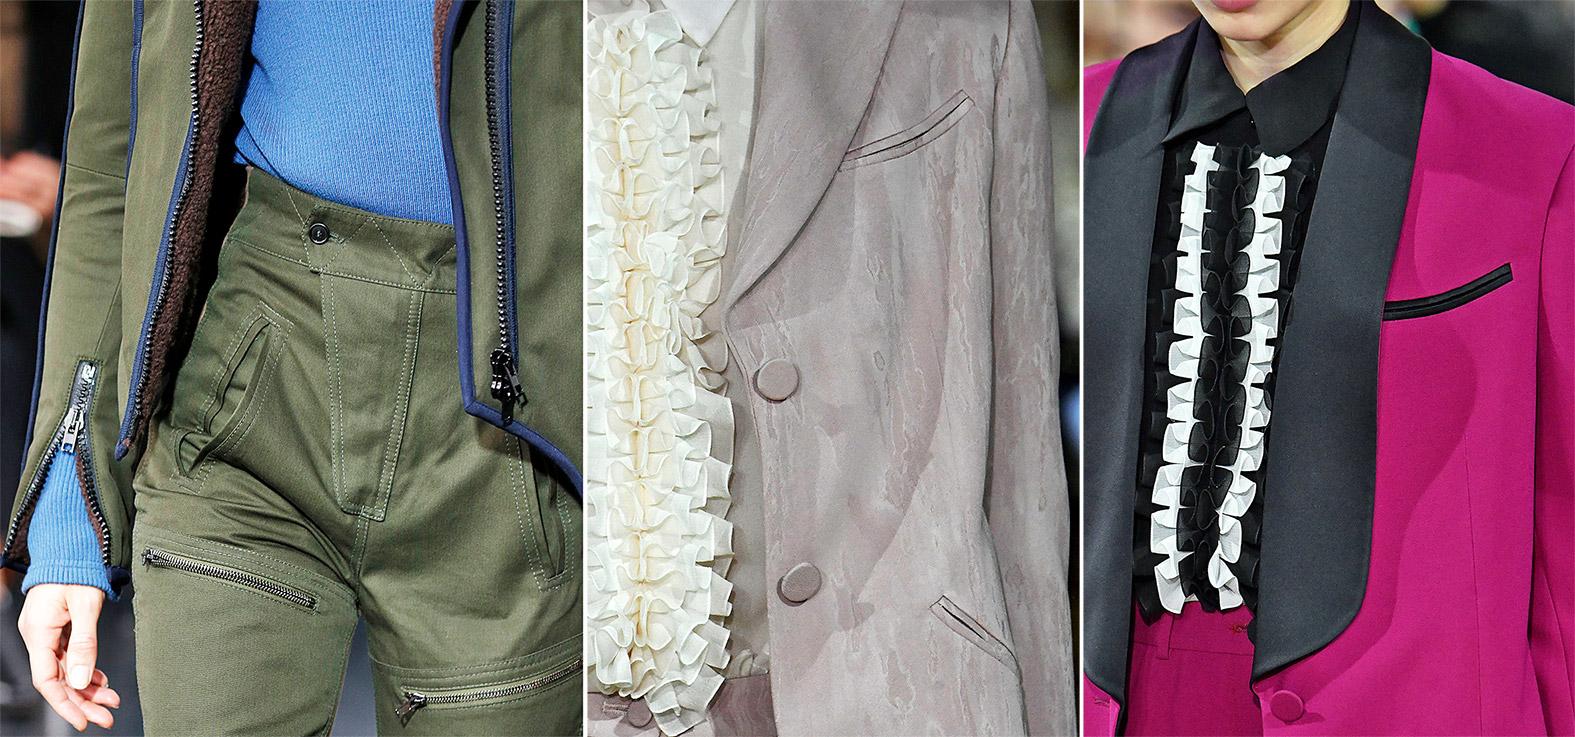 Paspeltaschen an Jacken und Hosen auf dem Laufsteg